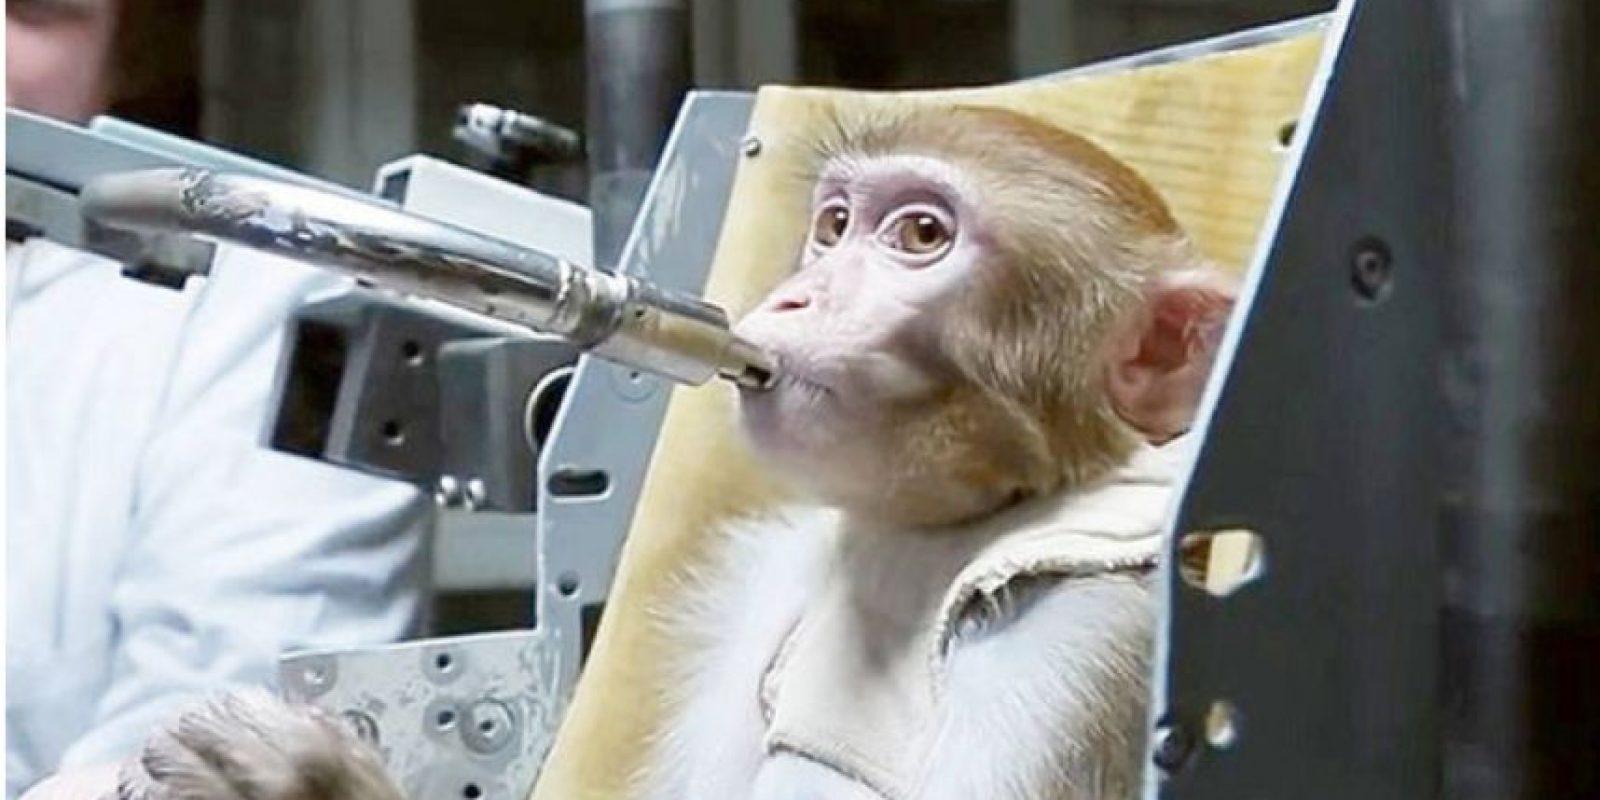 Los macacos rhesus entrenados en Rusia podrían ser la primera especie en pisar Marte. Foto:Vía Youtube.com/tvroscosmos